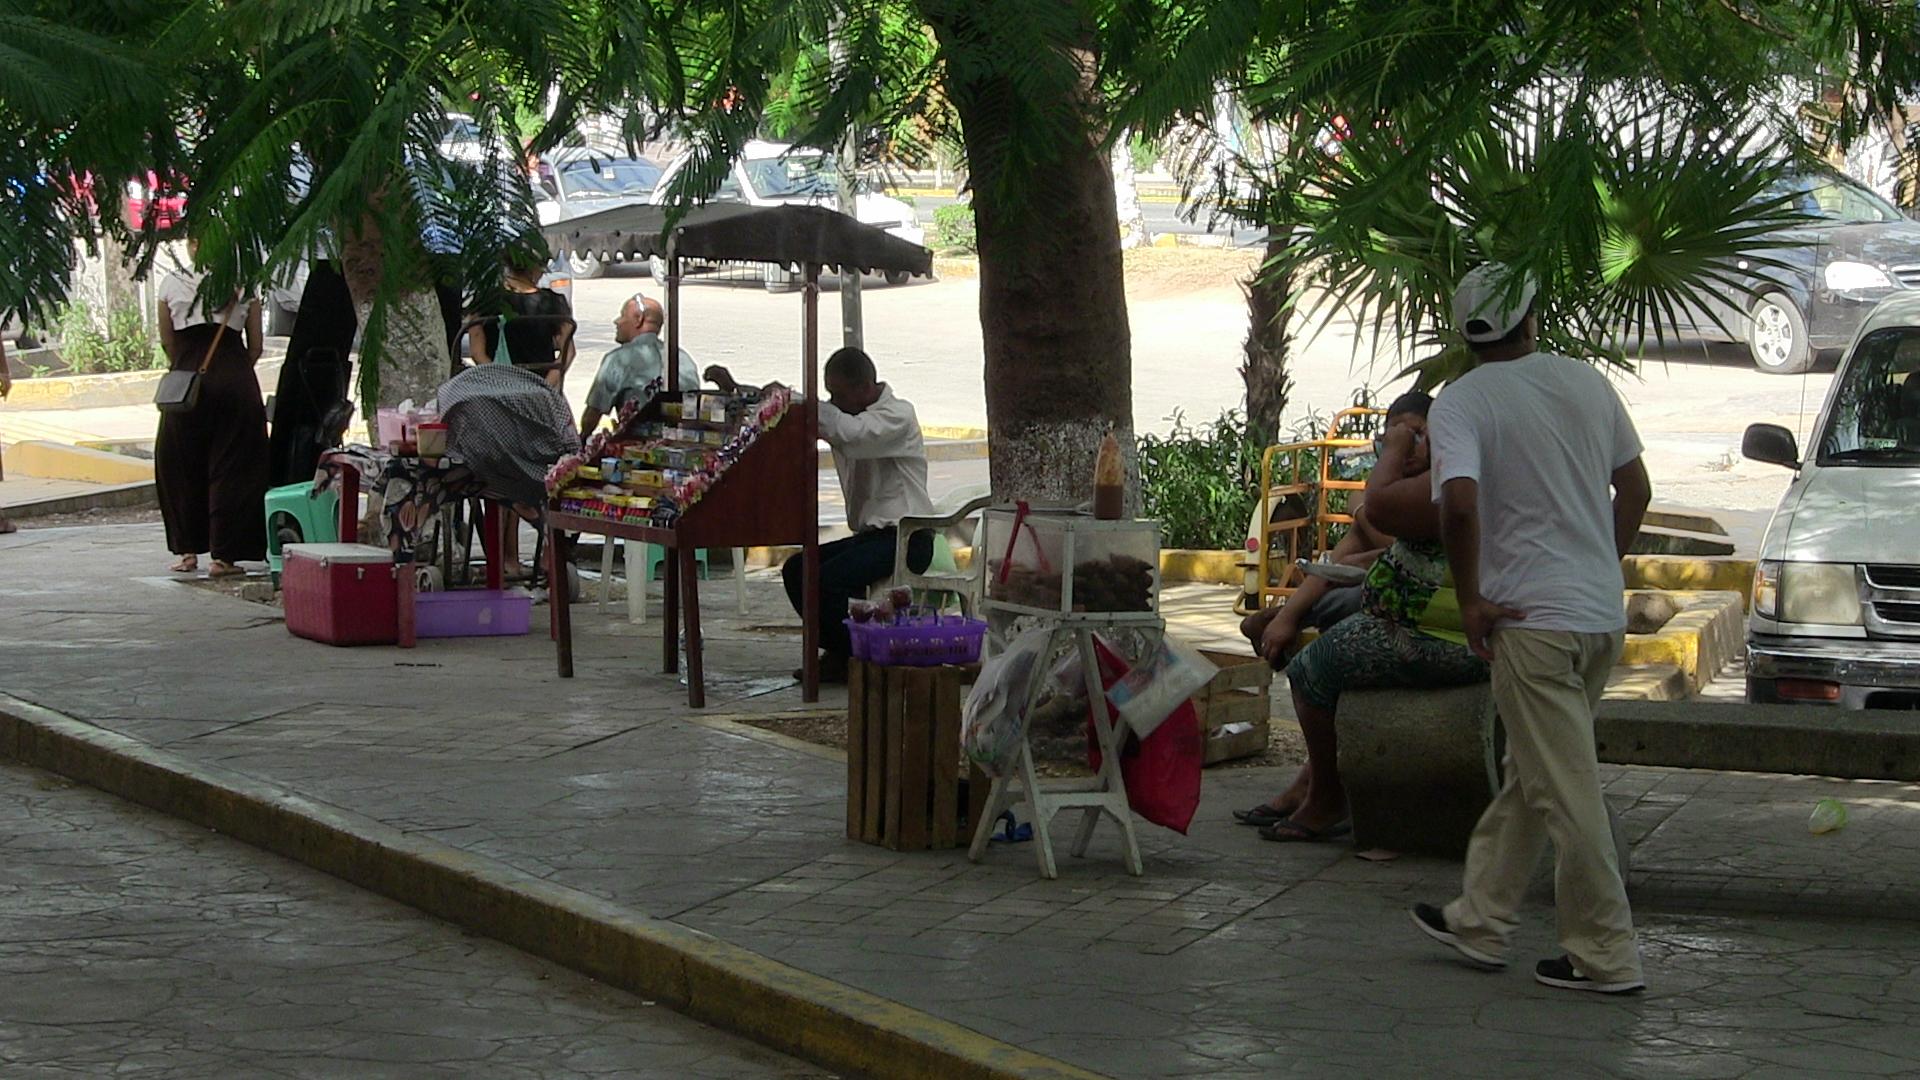 Mexican Vendors